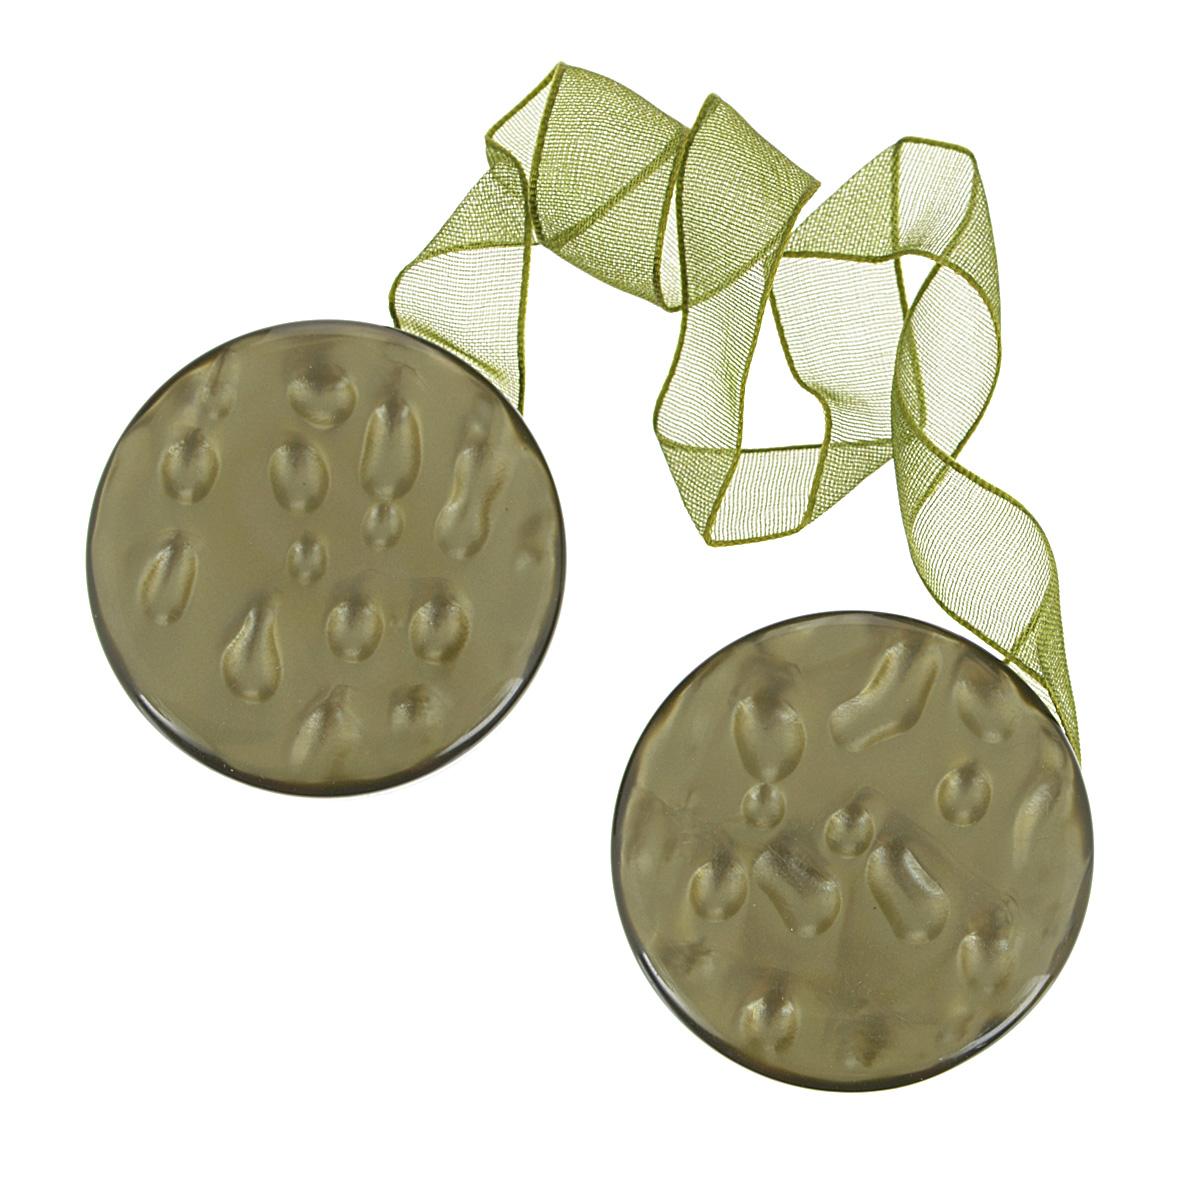 """Клипса-магнит """"Calamita Fiore"""", изготовленная из пластика и текстиля,   предназначена для придания формы шторам. Изделие представляет собой два   магнита круглой формы, расположенные на разных концах текстильной ленты. С   помощью такой магнитной клипсы можно зафиксировать портьеры, придать им   требуемое положение, сделать складки симметричными или приблизить   портьеры, скрепить их.   Клипсы для штор являются универсальным изделием, которое превосходно   подойдет как для штор в детской комнате, так и для штор в гостиной. Следует   отметить, что клипсы для штор выполняют не только практическую функцию, но   также являются одной из основных деталей декора этого изделия, которая  придает шторам восхитительный, стильный внешний вид.   Материал: полиэстер, пластик, магнит. Диаметр клипсы: 5 см. Длина ленты: 28 см."""